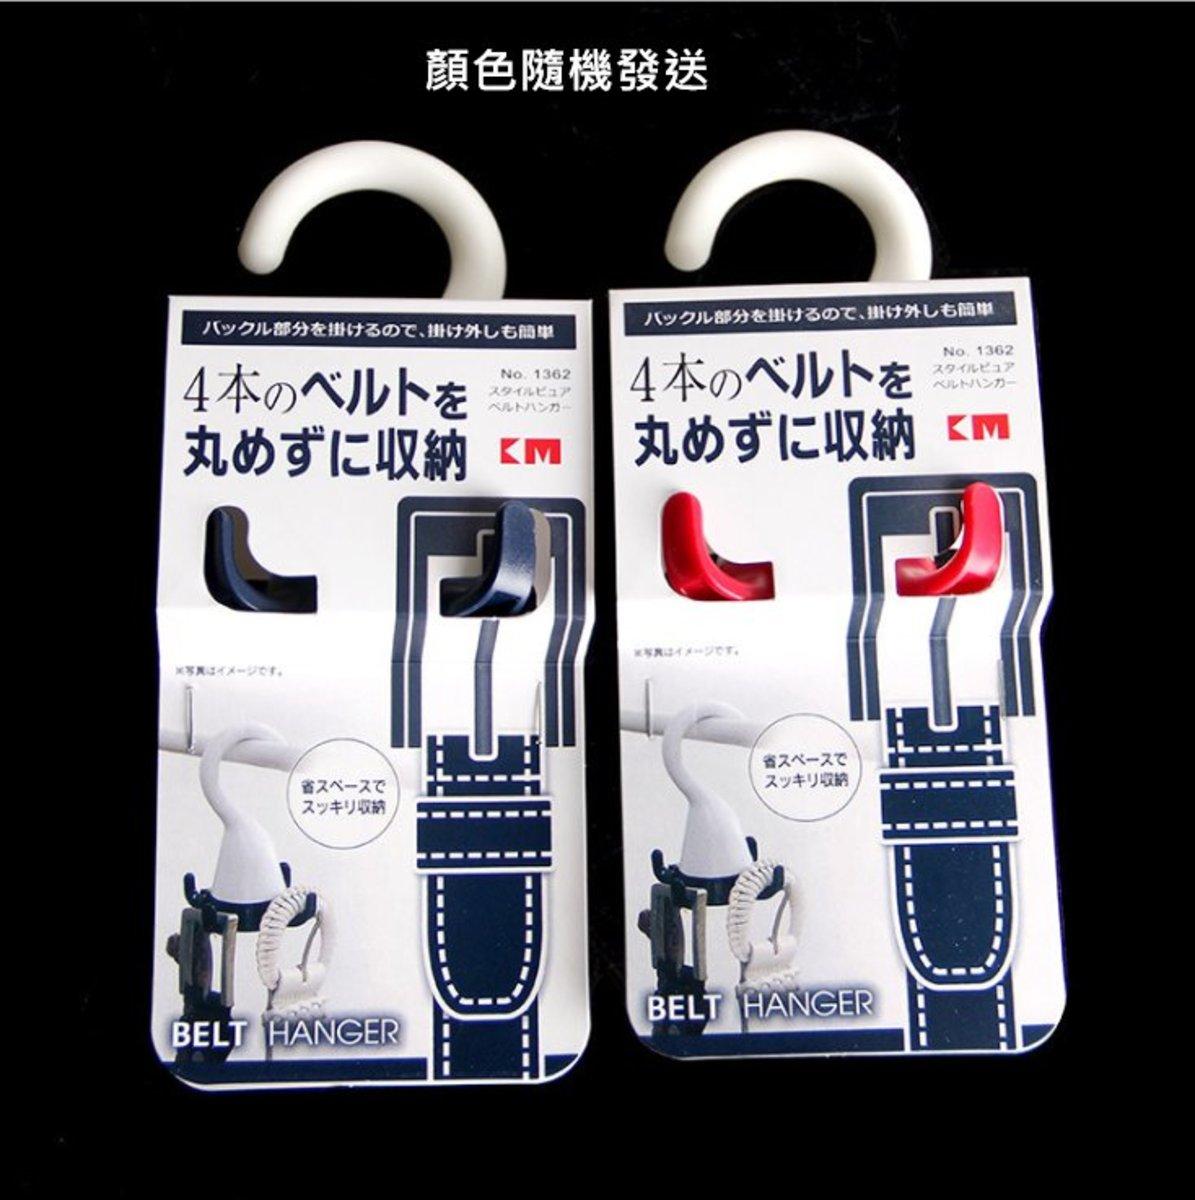 (顏色隨機) 日本皮帶 收納掛架/衣架 x 1個